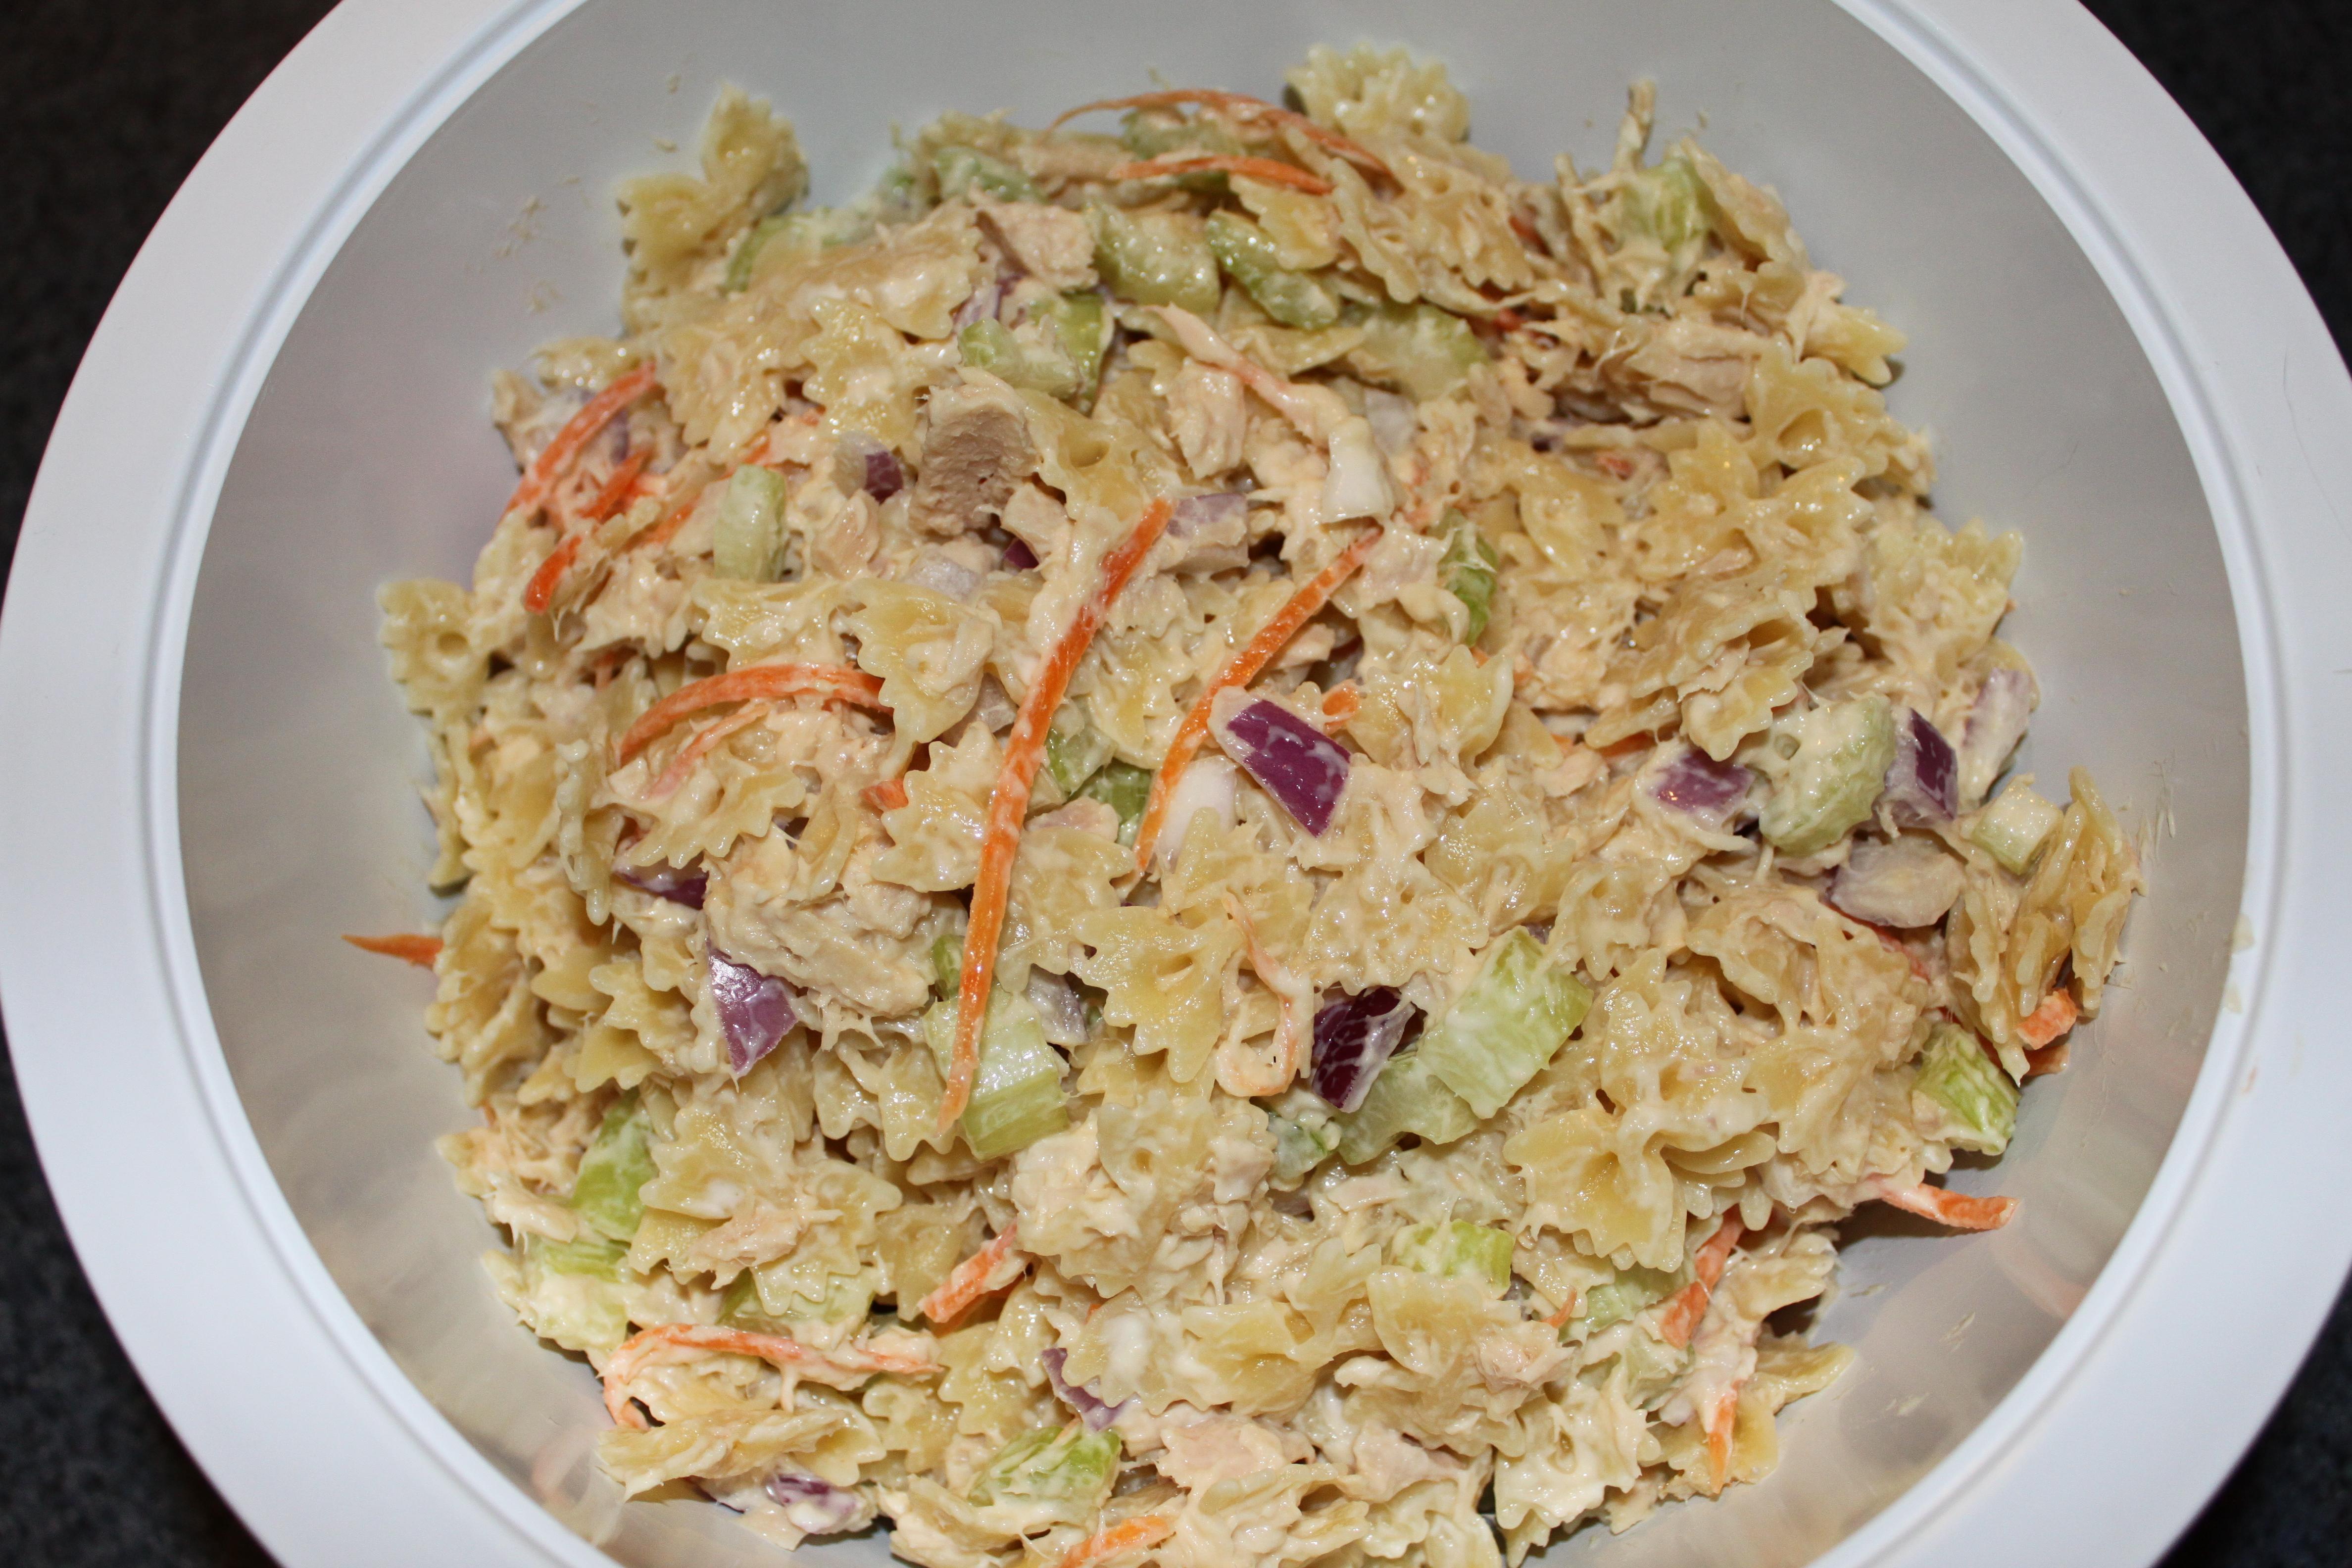 Picnic Perfect Tuna and Macaroni Salad   Penny's Food Blog